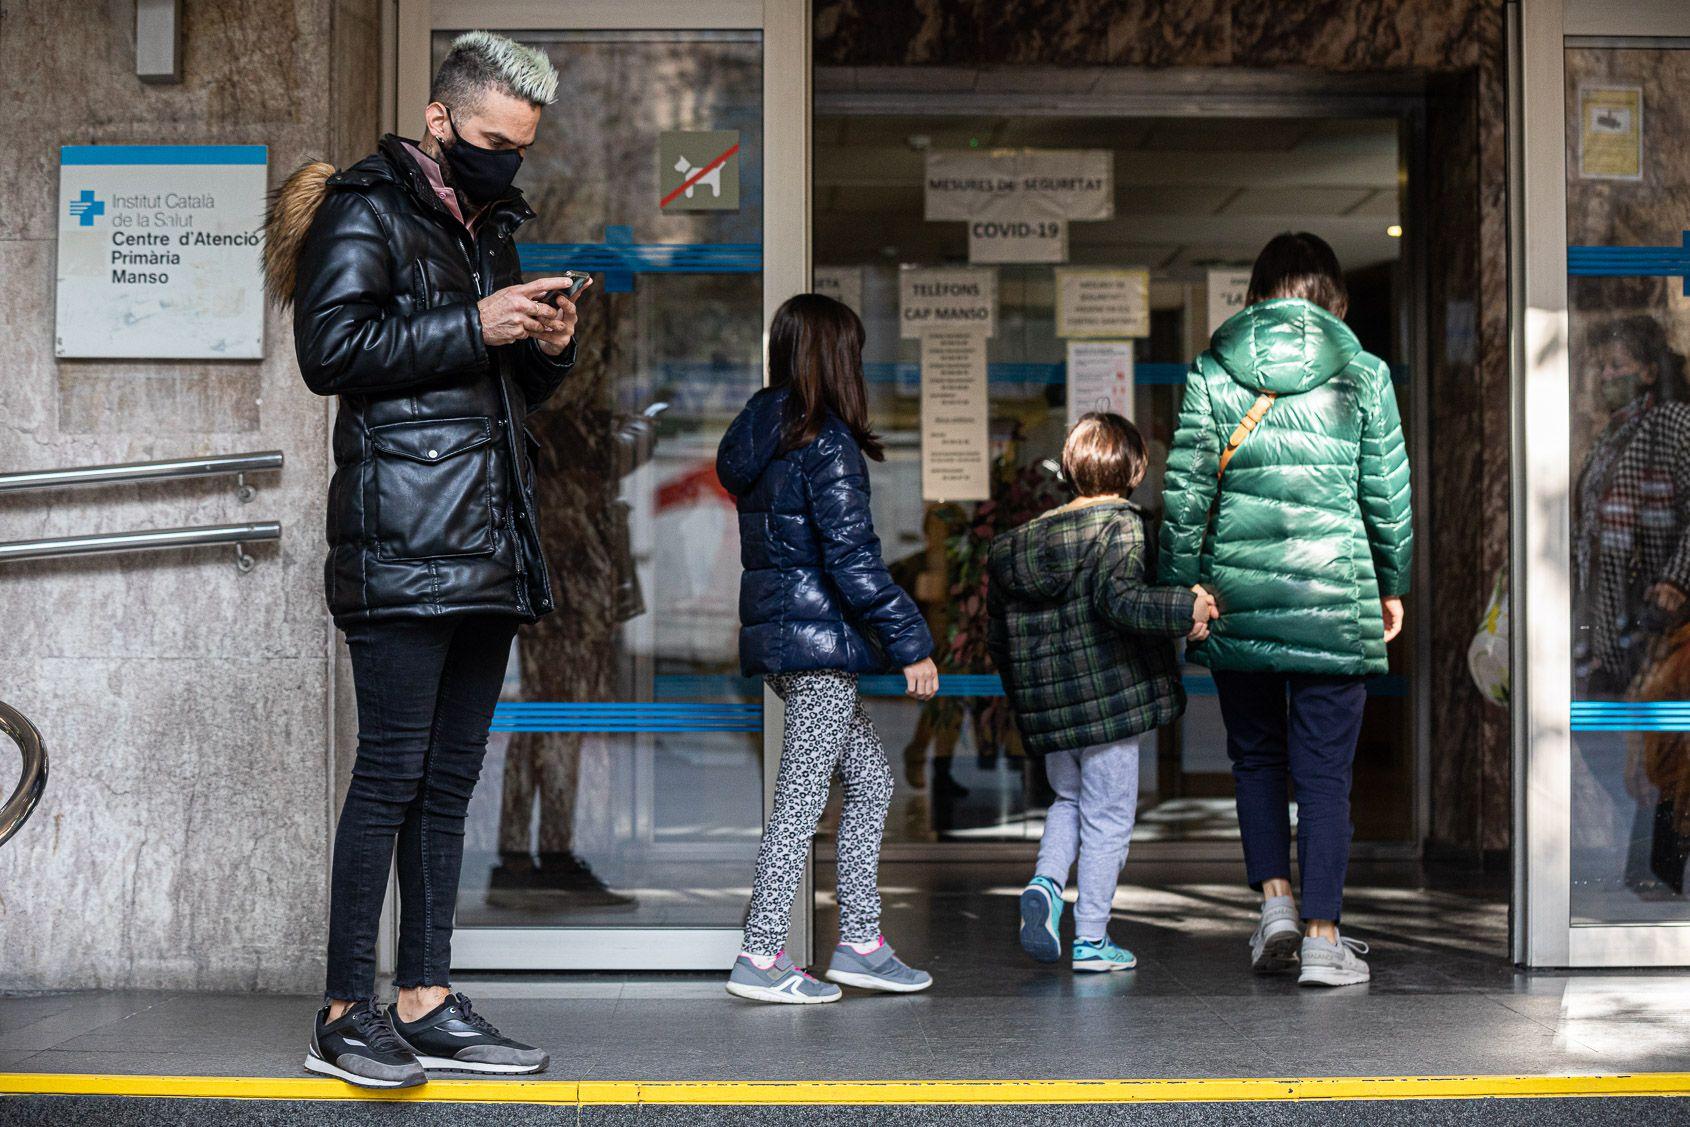 Persones a les portes del centre d'assistència primària (CAP) Manso de Barcelona / Jordi Borràs